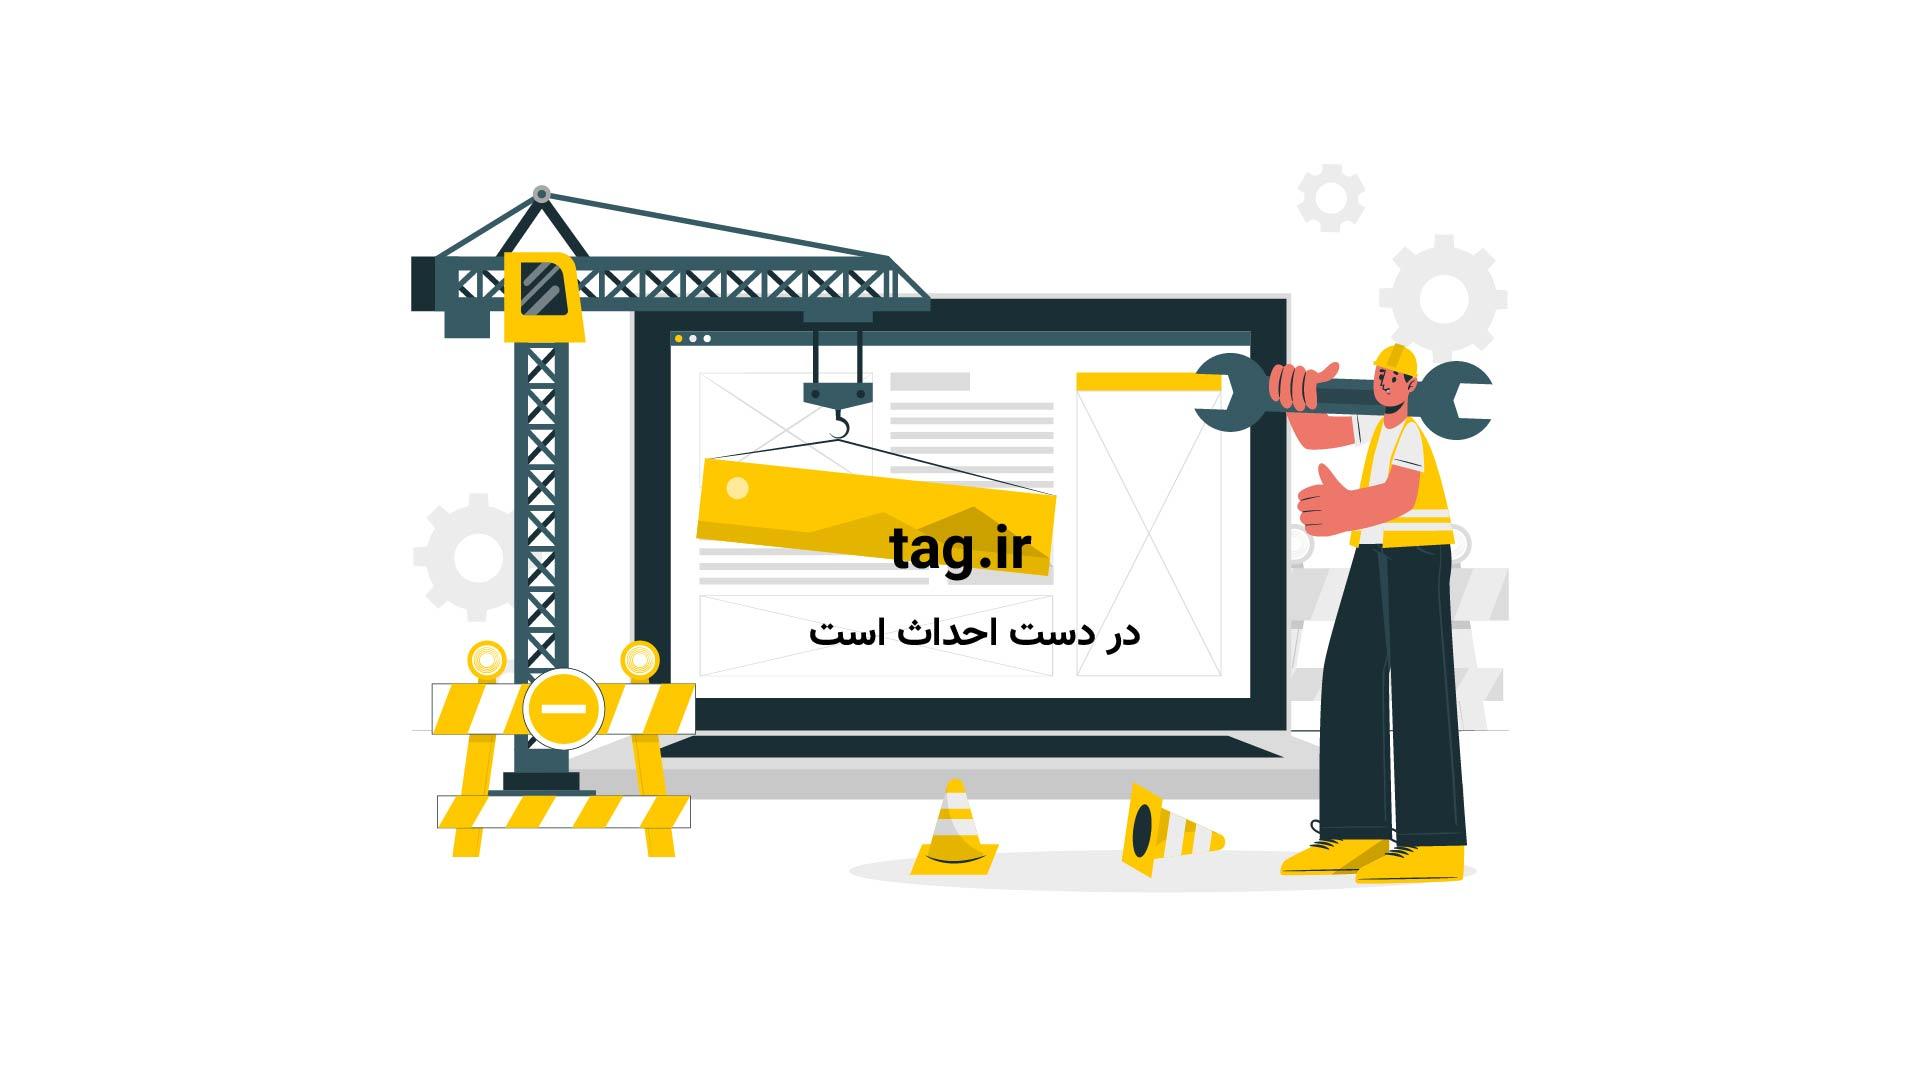 مرغ با پارمسان | تگ